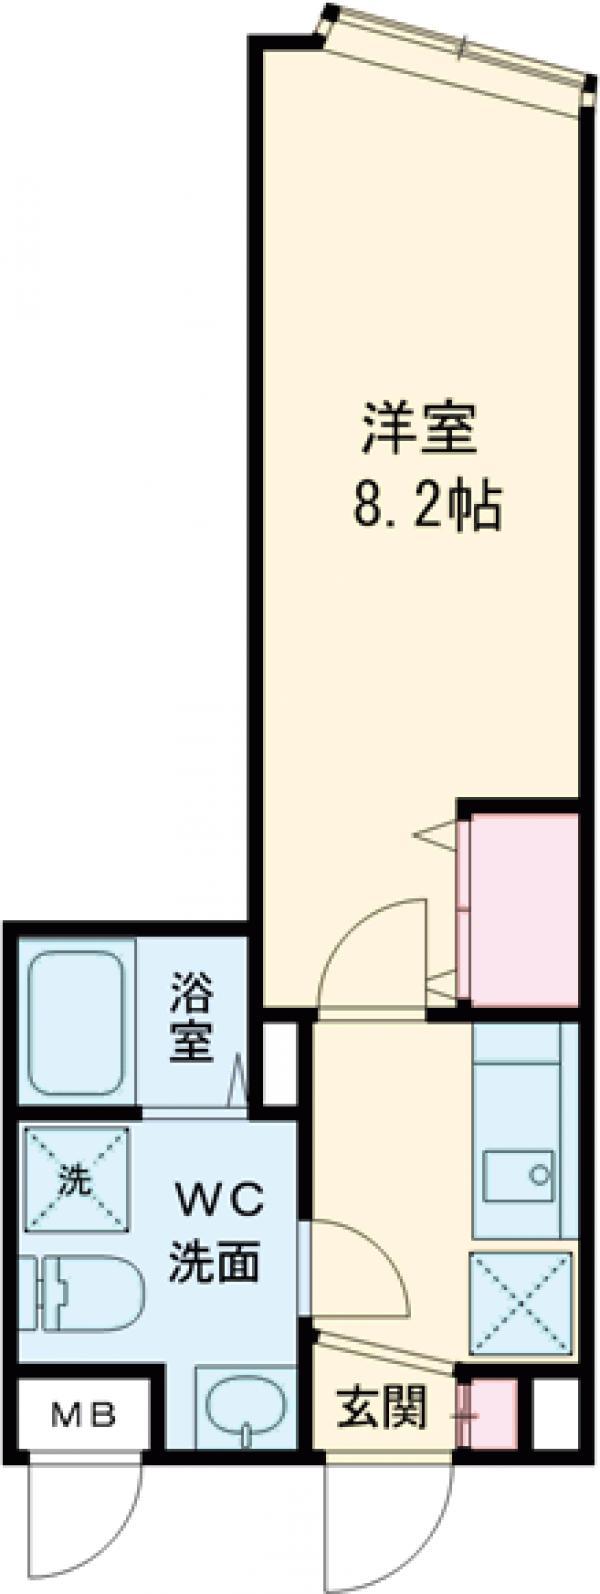 フィールコンフォート板橋仲宿・203号室の間取り